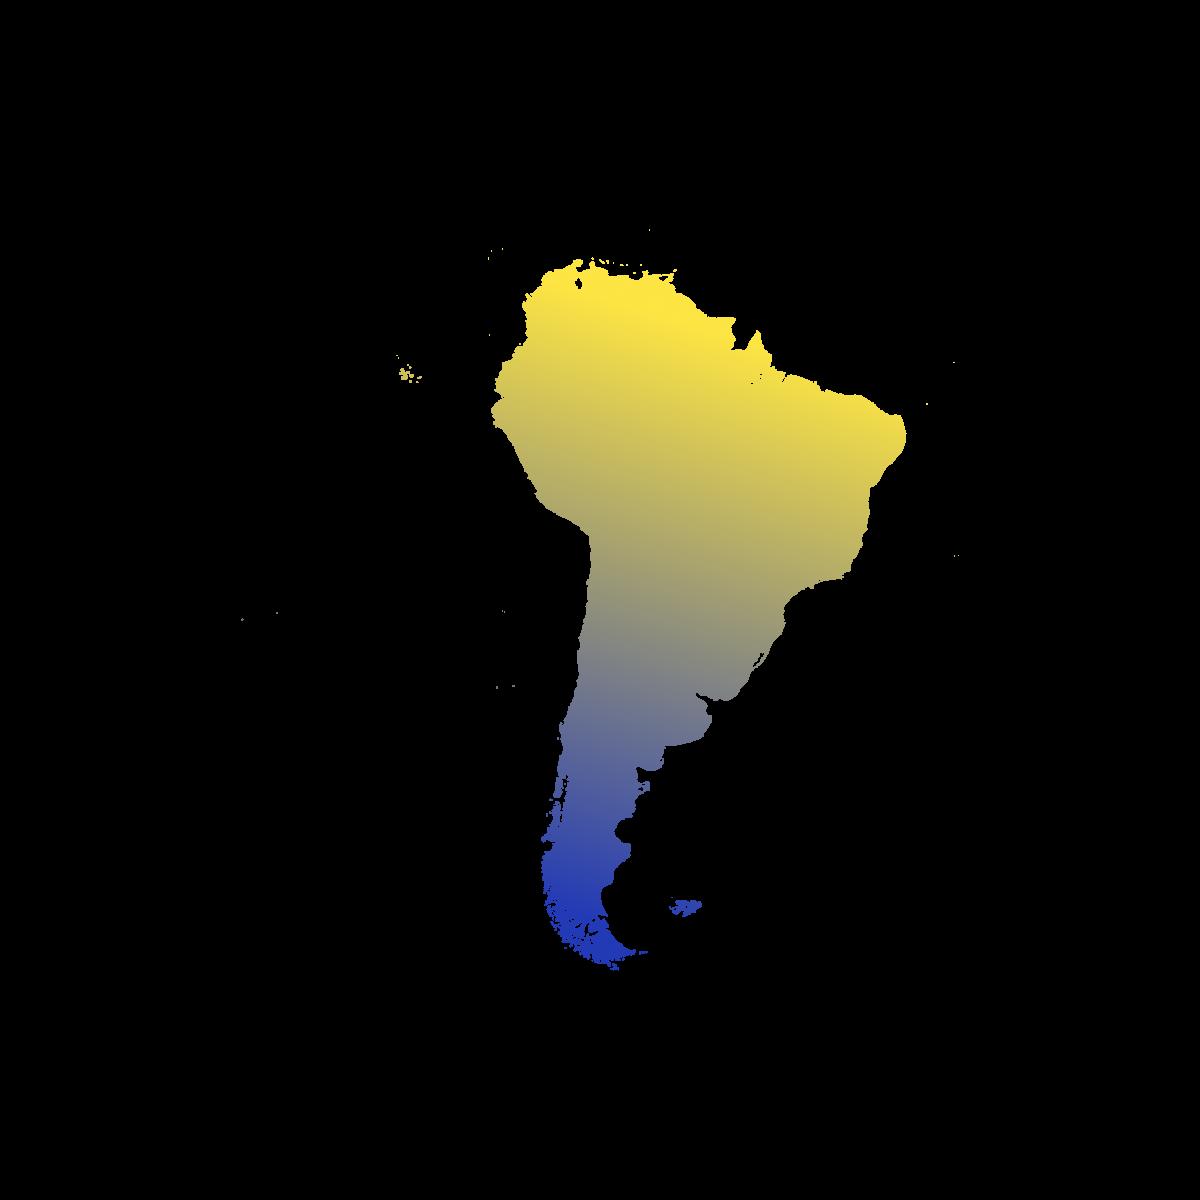 Illustration du continent Sud-Américain. Eu Coordination agence de traduction de documents dans les langues Américaines.